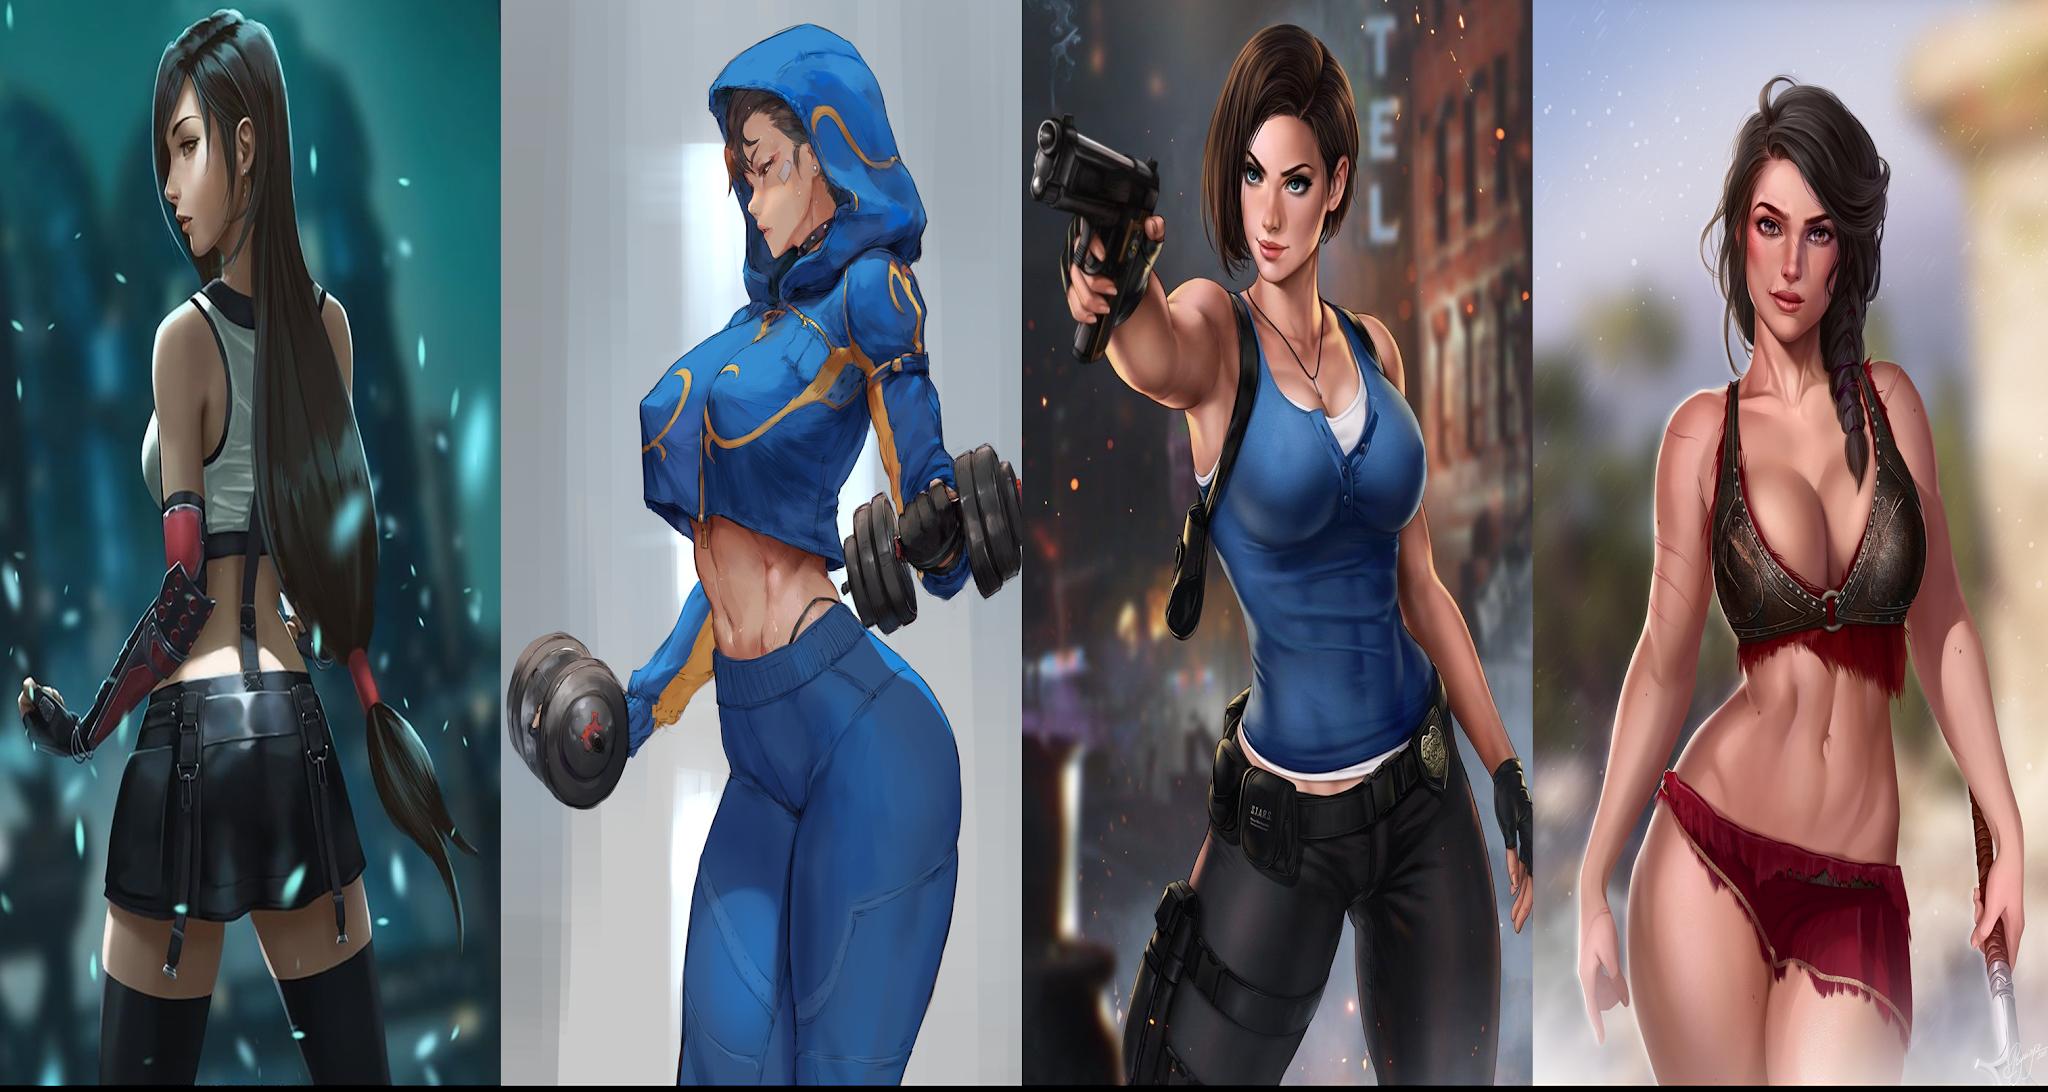 En los últimos treinta años, hemos visto muchas chicas en los videojuegos, y hay una cosa que todas tienen en común, la sensualidad.